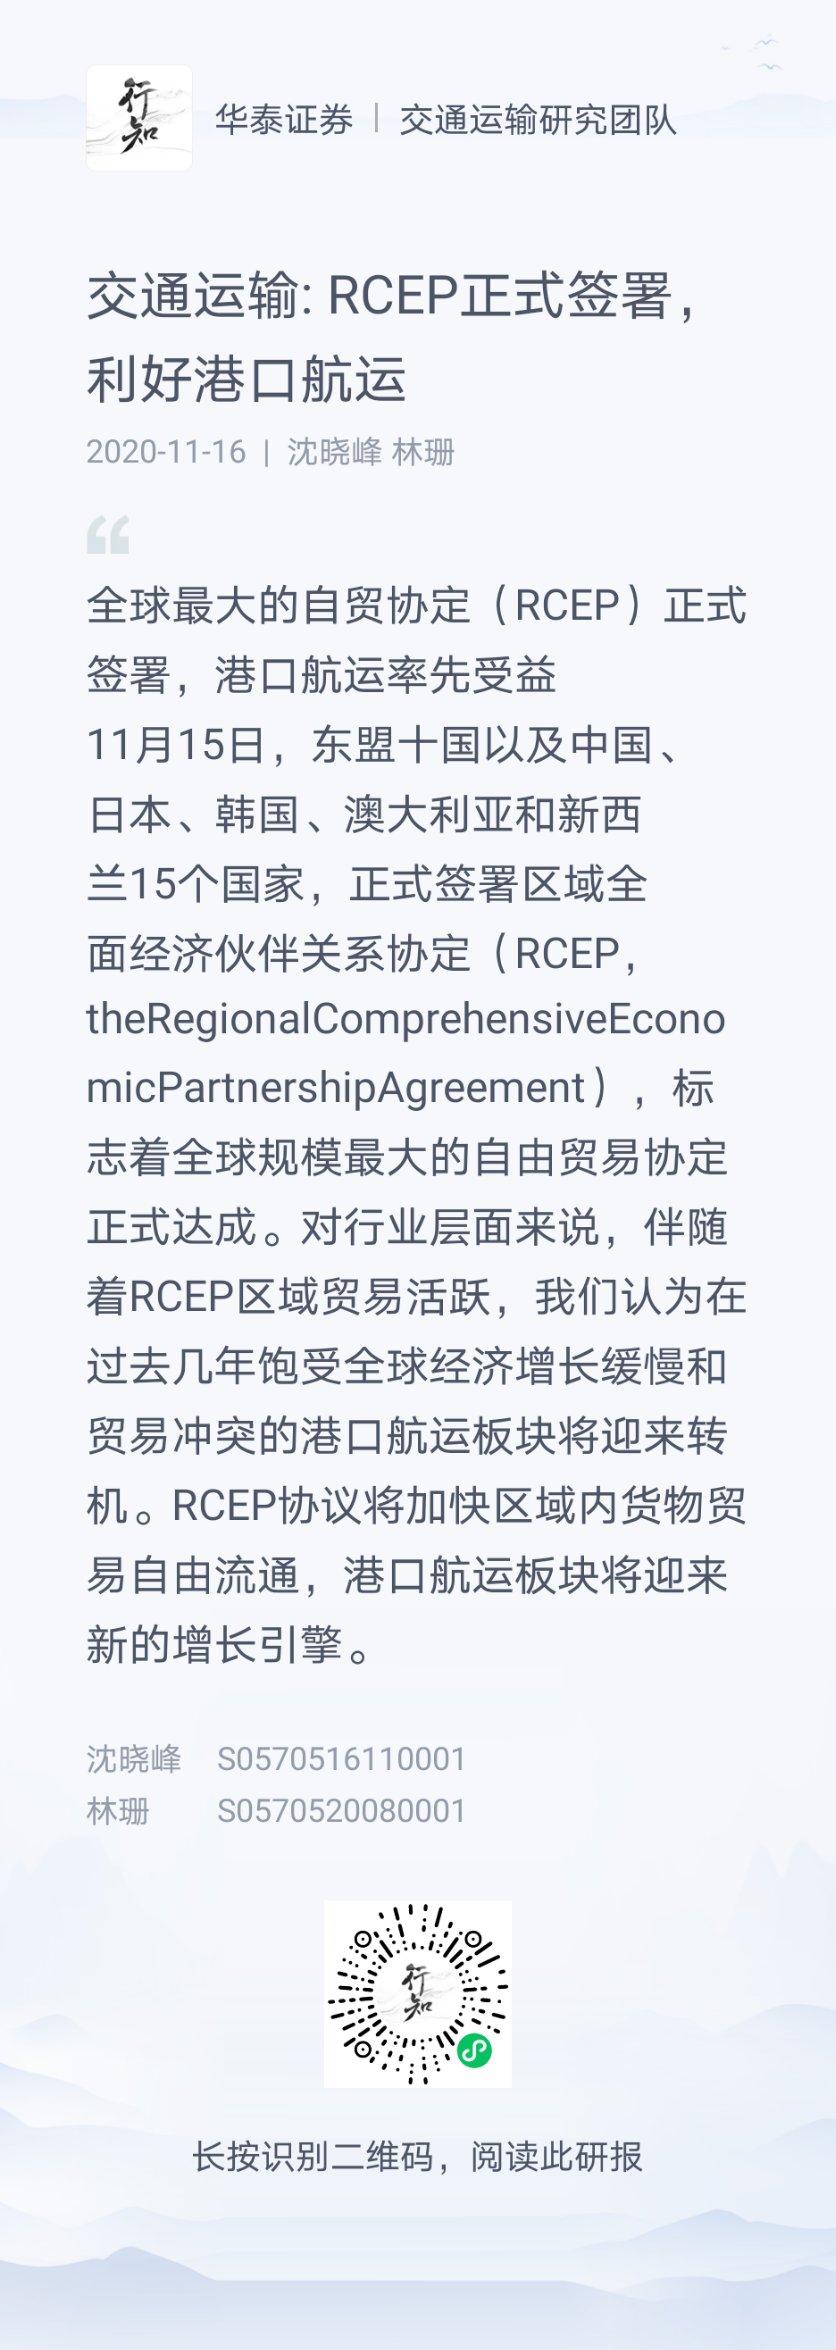 今日热点   RCEP签署重塑中国制造价值链/对我国的意义/利好港口航运